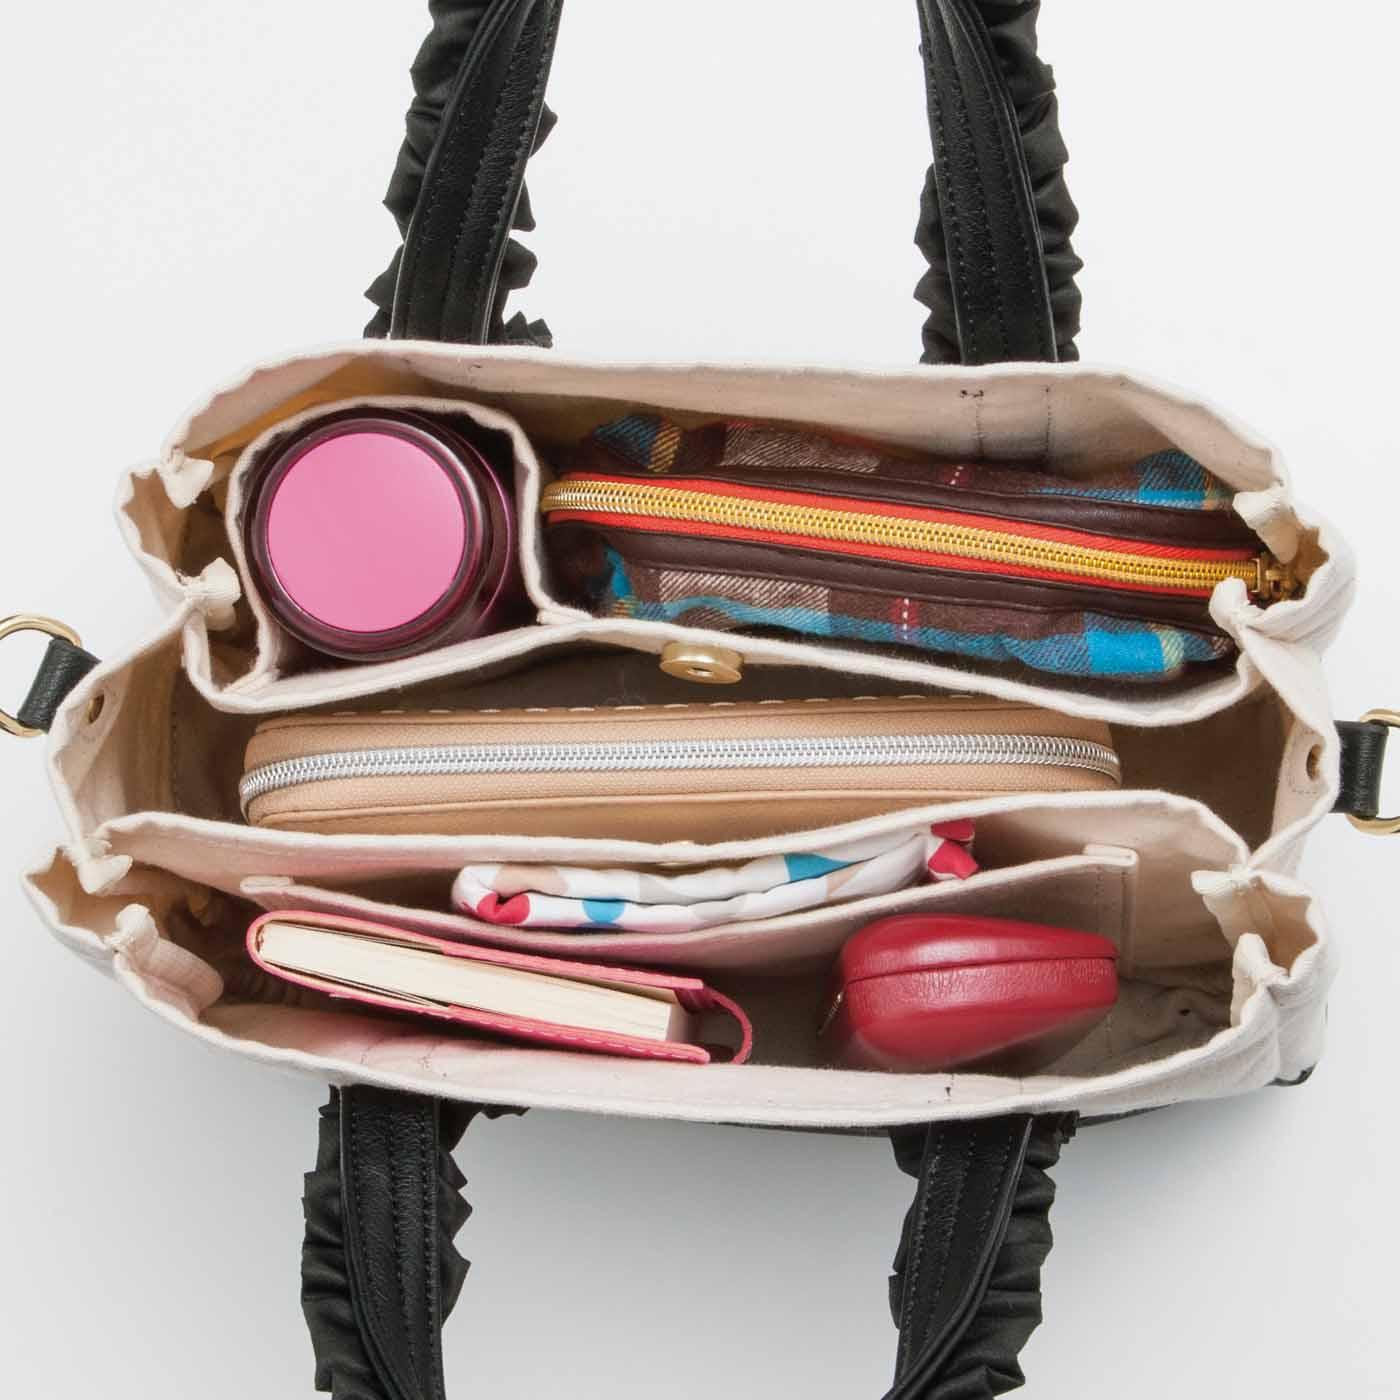 中央ポケットには安心の内マグネット付き。ペットボトルホルダーなど、ポケットも充実しています。